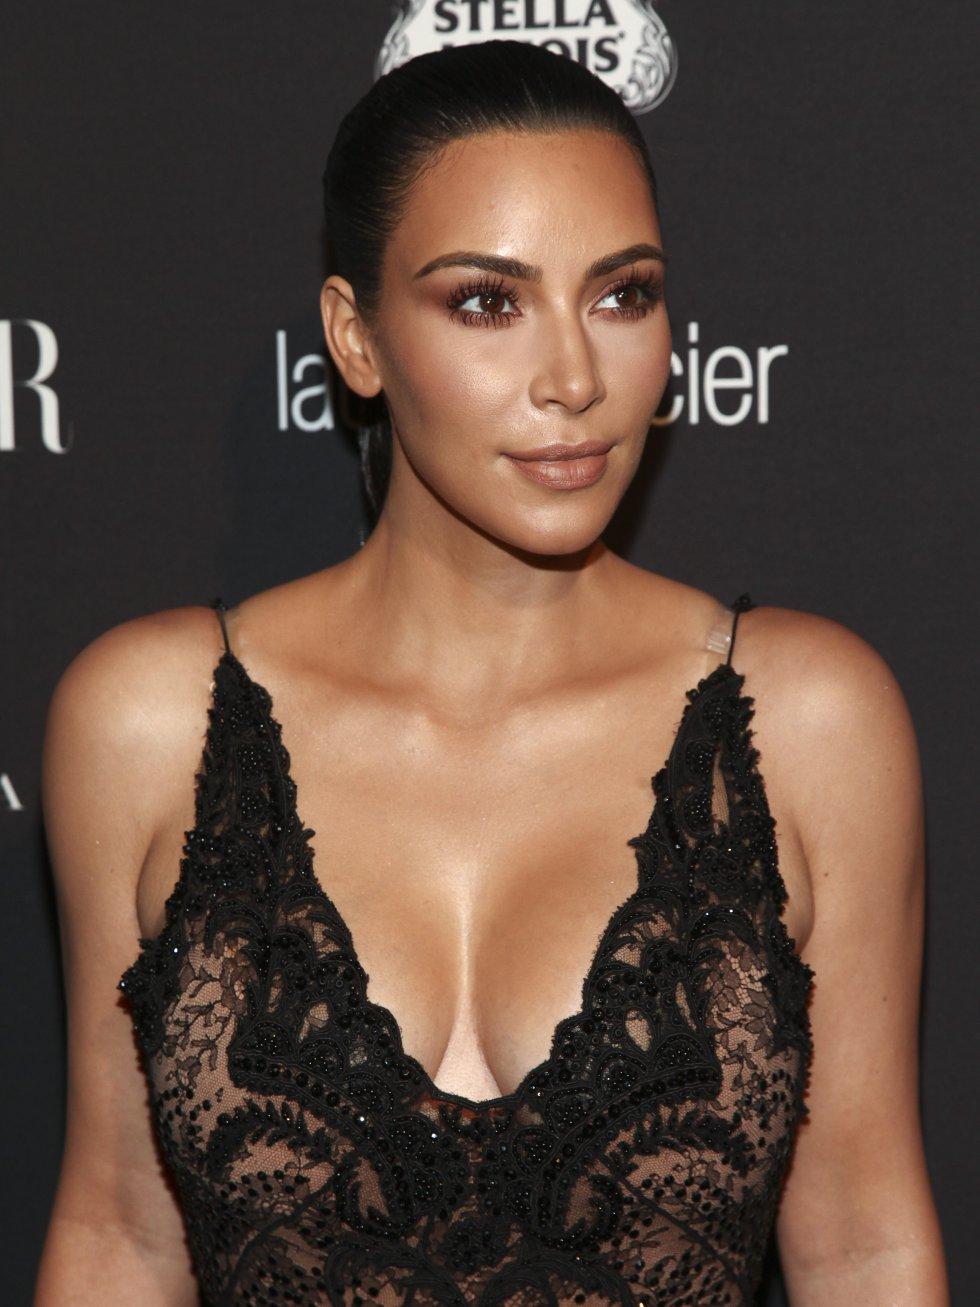 En la semana de la moda de París también se está llevando todas las miradas y críticas de los asistentes y seguidores de Kim.